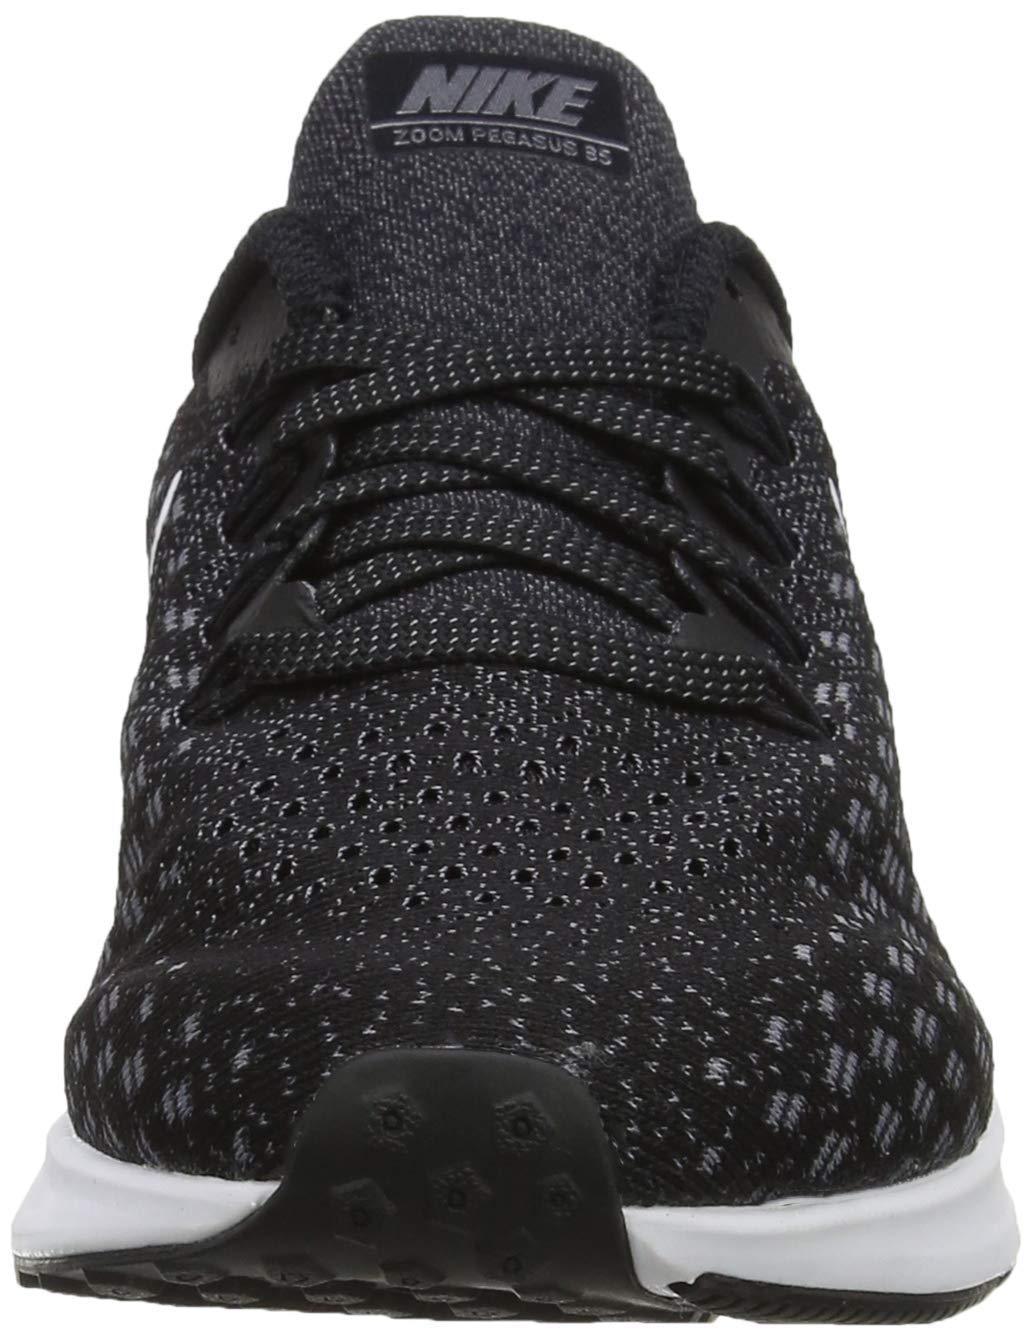 Nike Men's Air Zoom Pegasus 35 Running Shoe (6 M US, Black/White/Gunsmoke/Oil Grey) by Nike (Image #3)